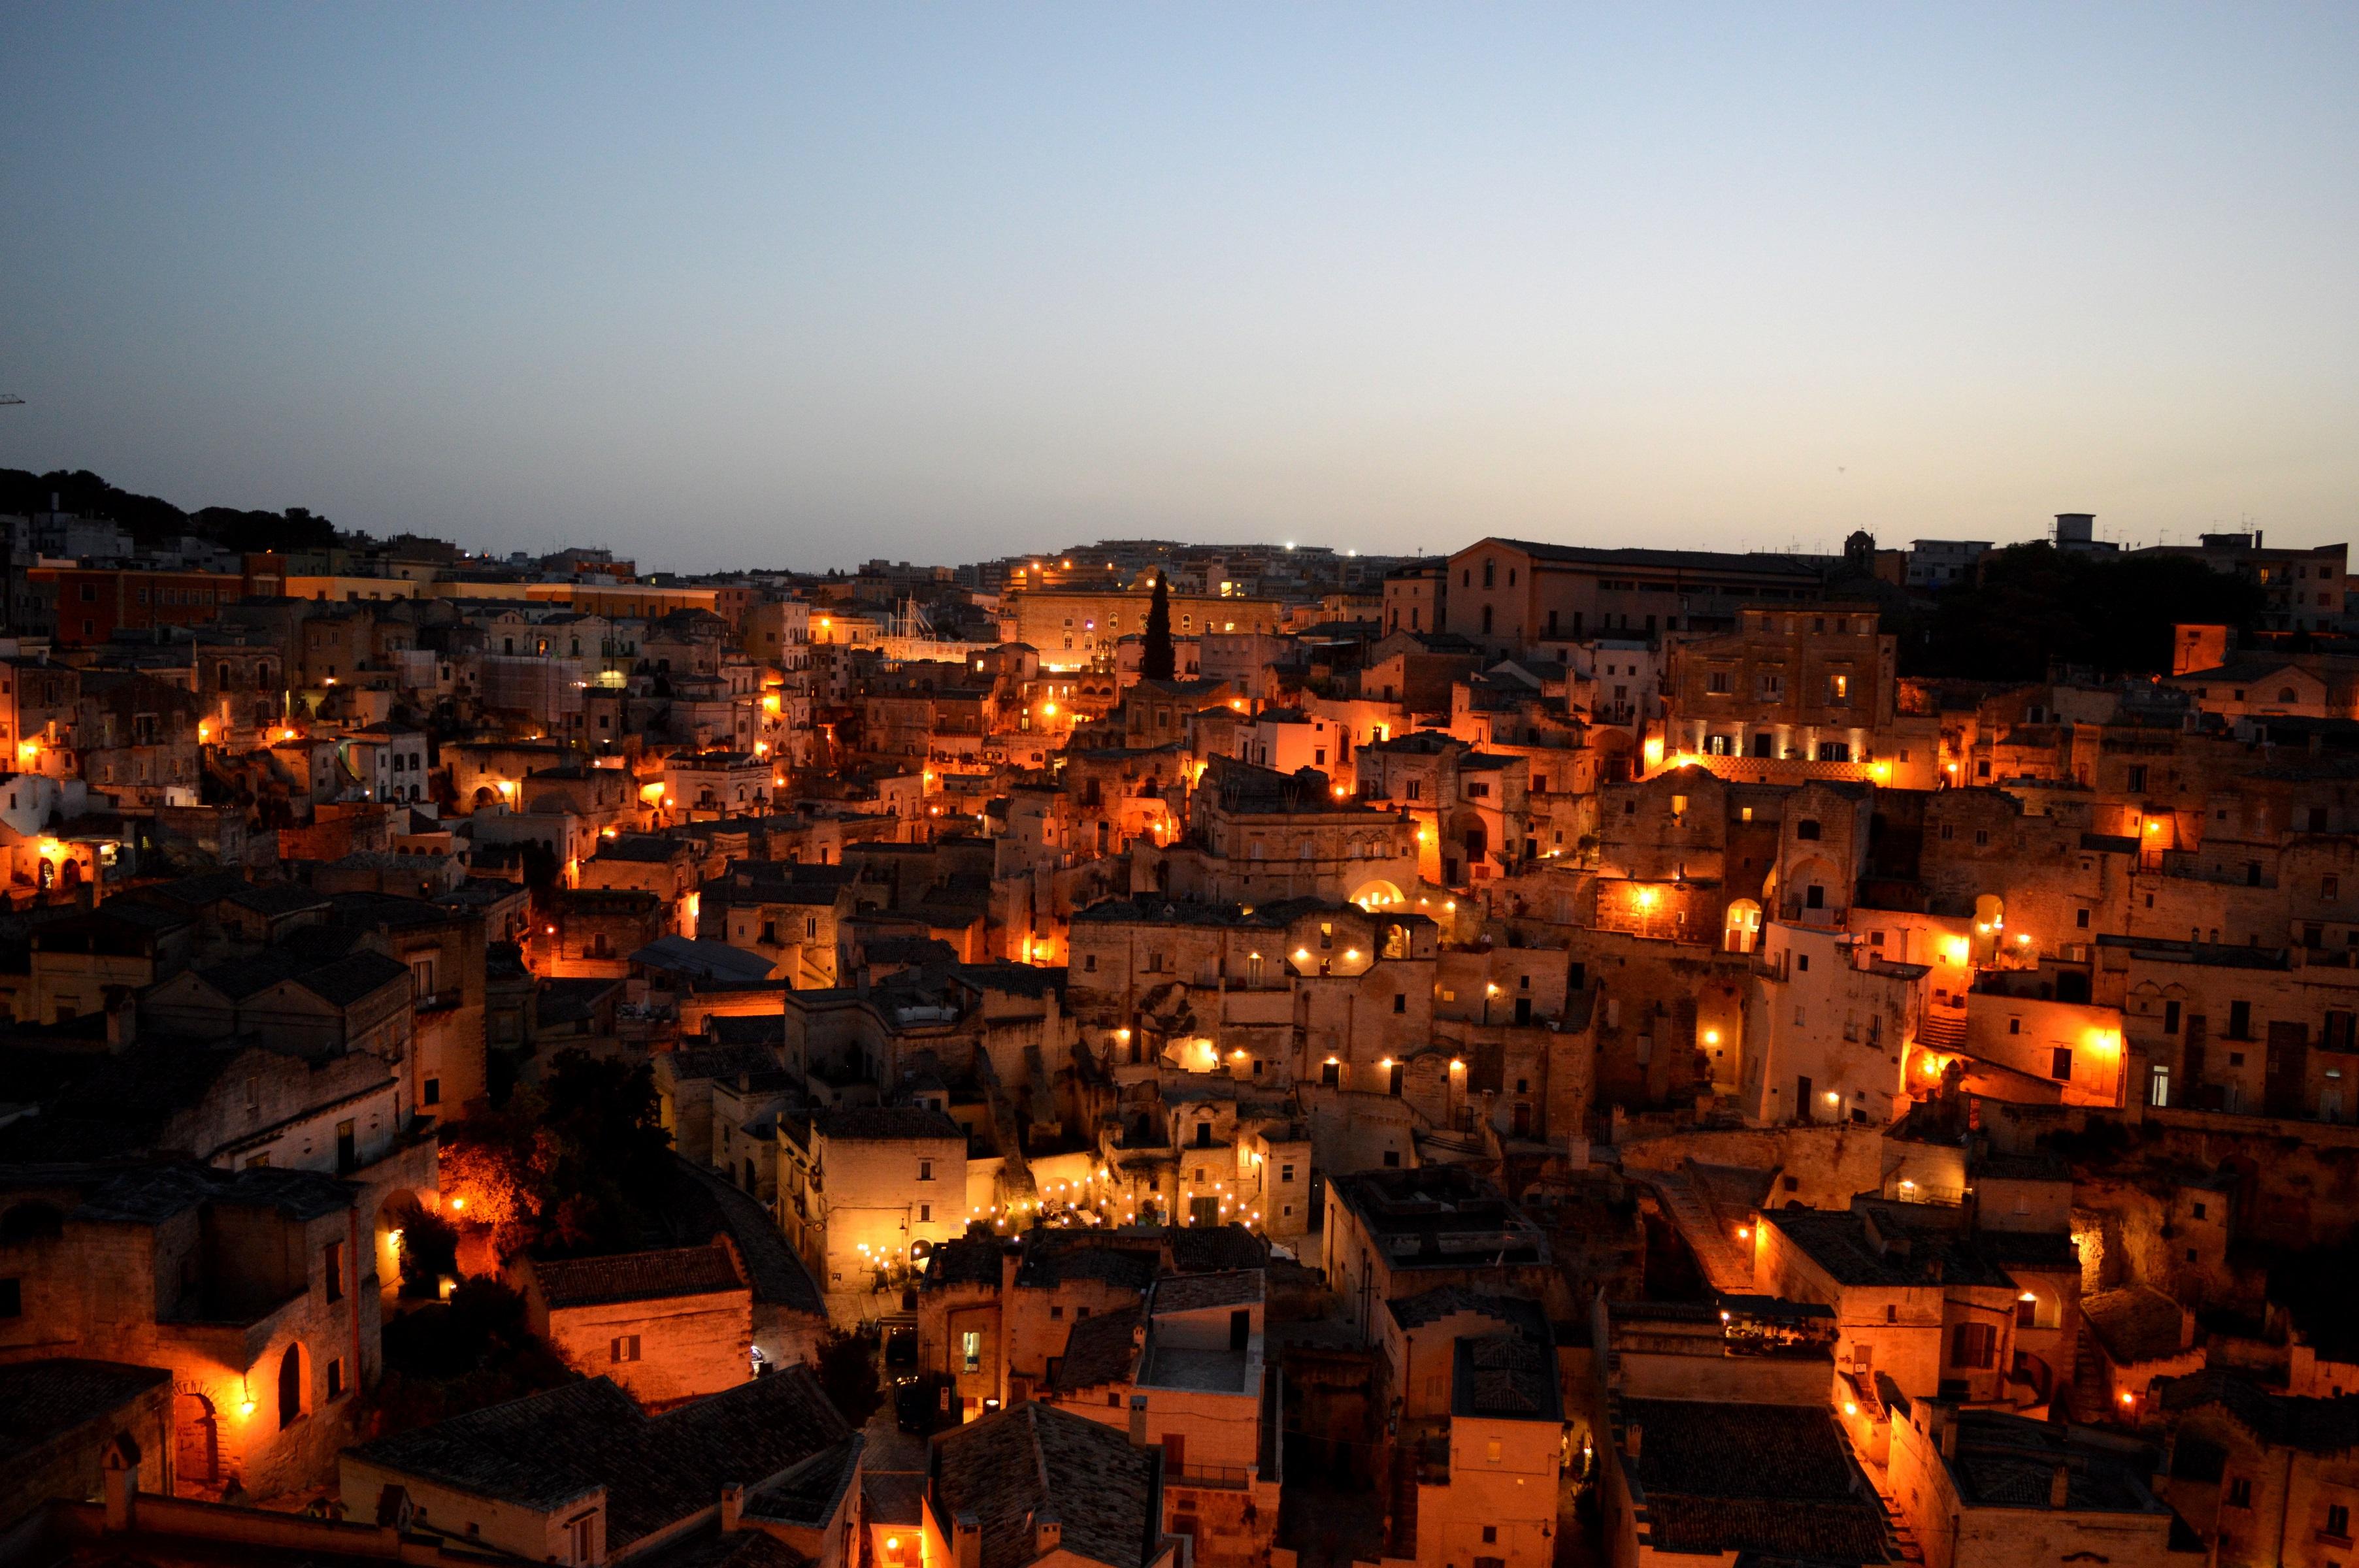 Matera, a misztikus város